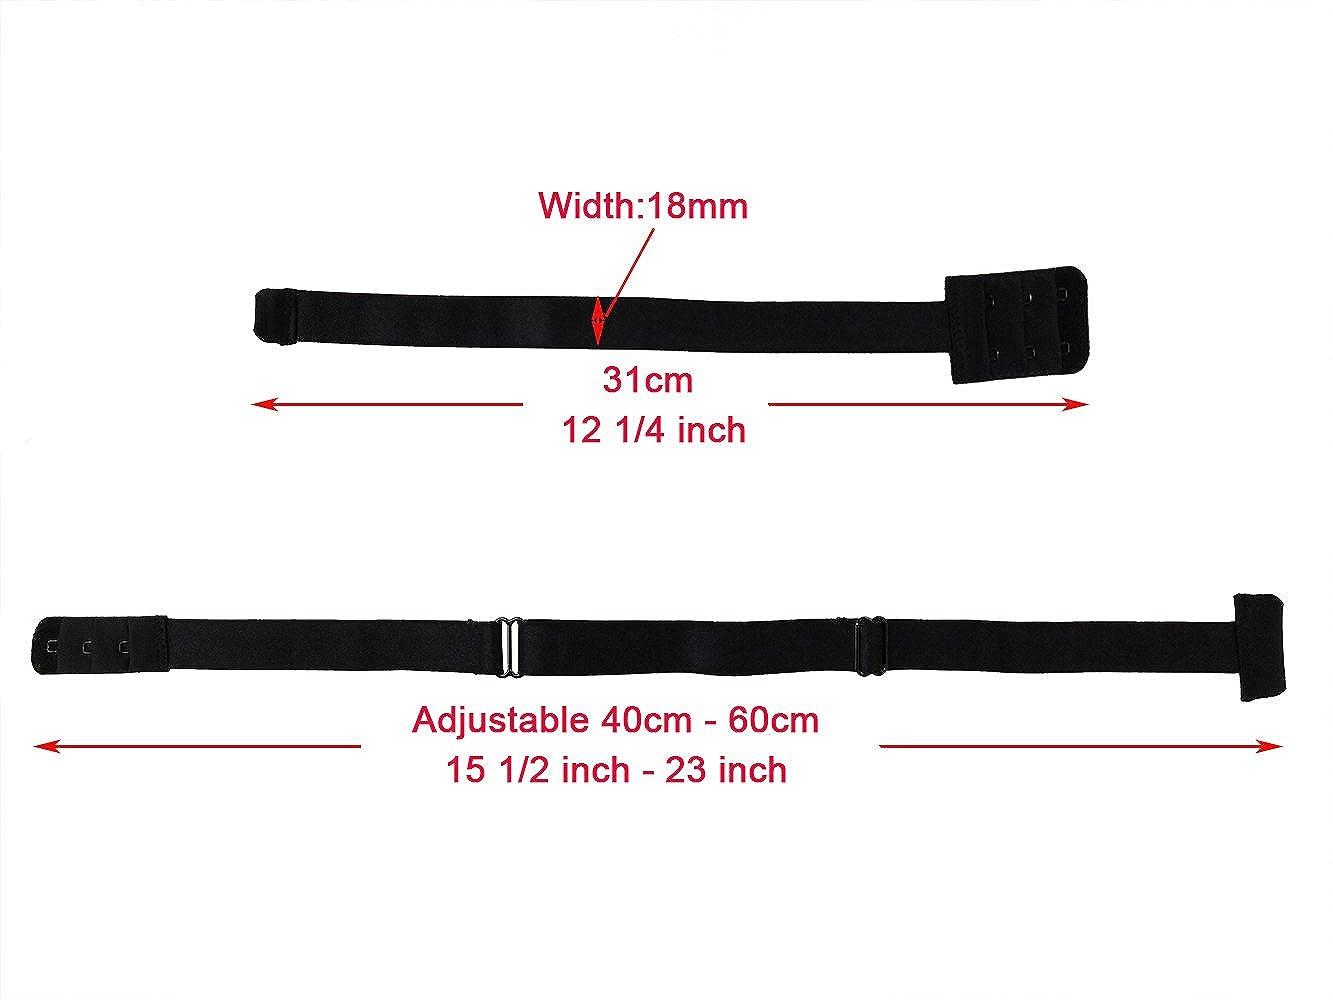 Ladys Adjustable Low Back Bra Converter Straps 2 Hook Black White Beige